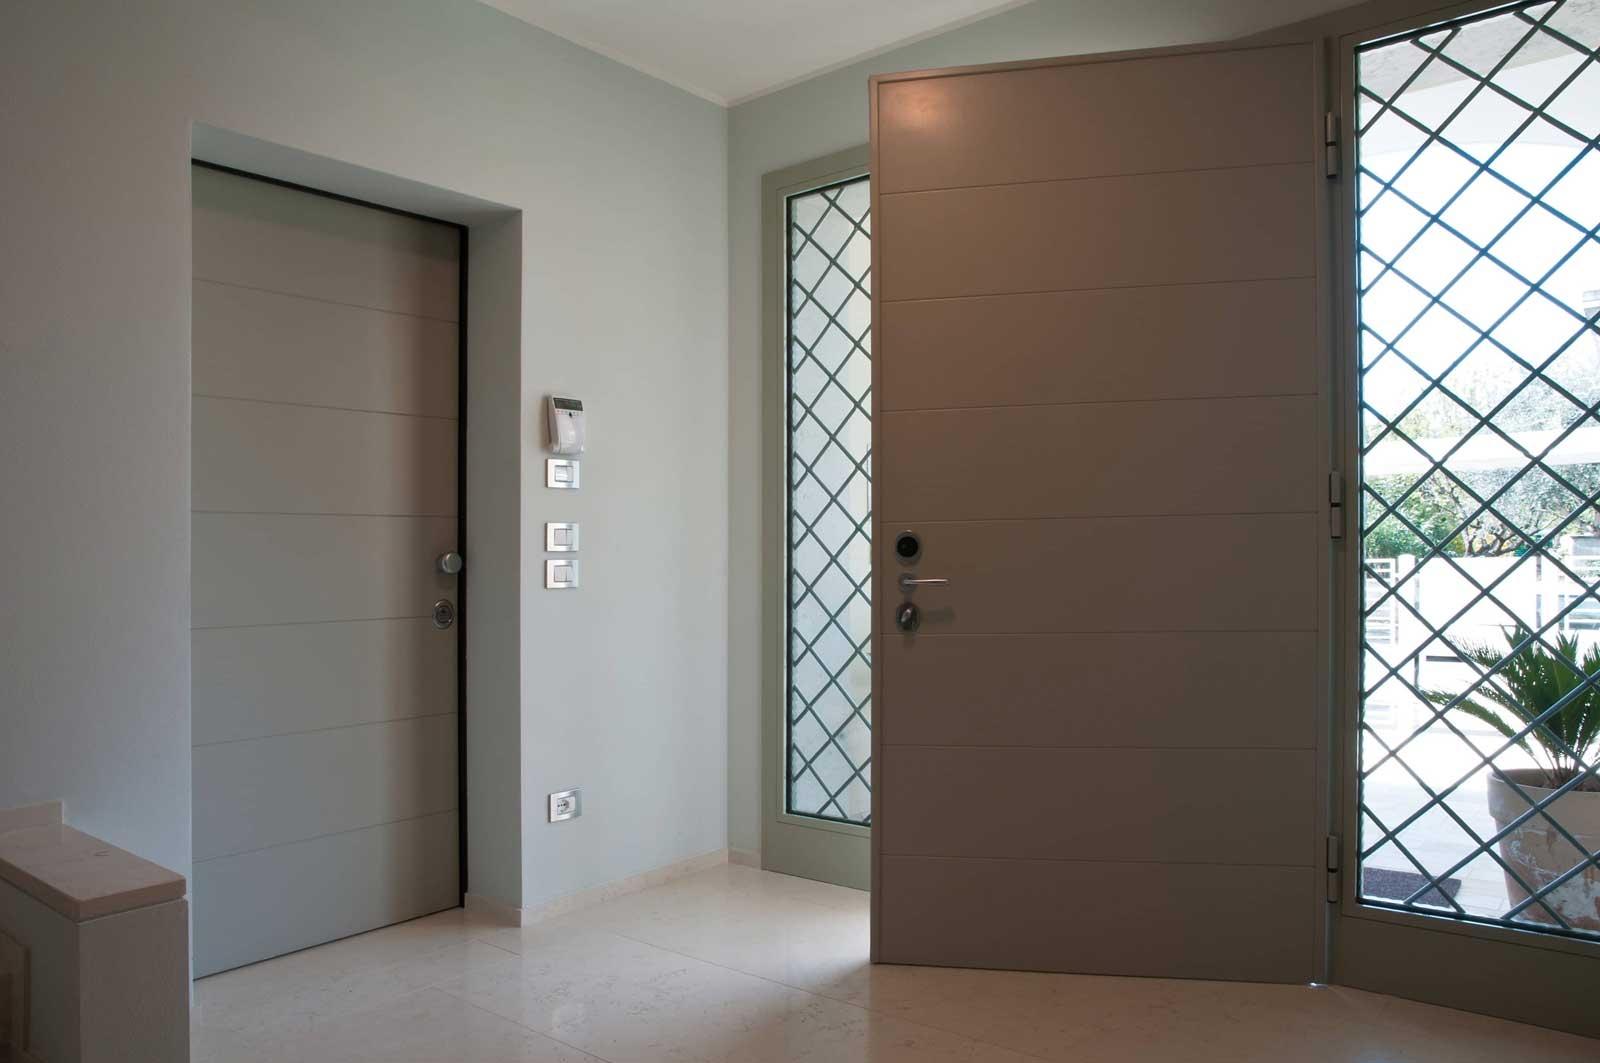 Puertas Oikos Rimini 04 1600x1063 c